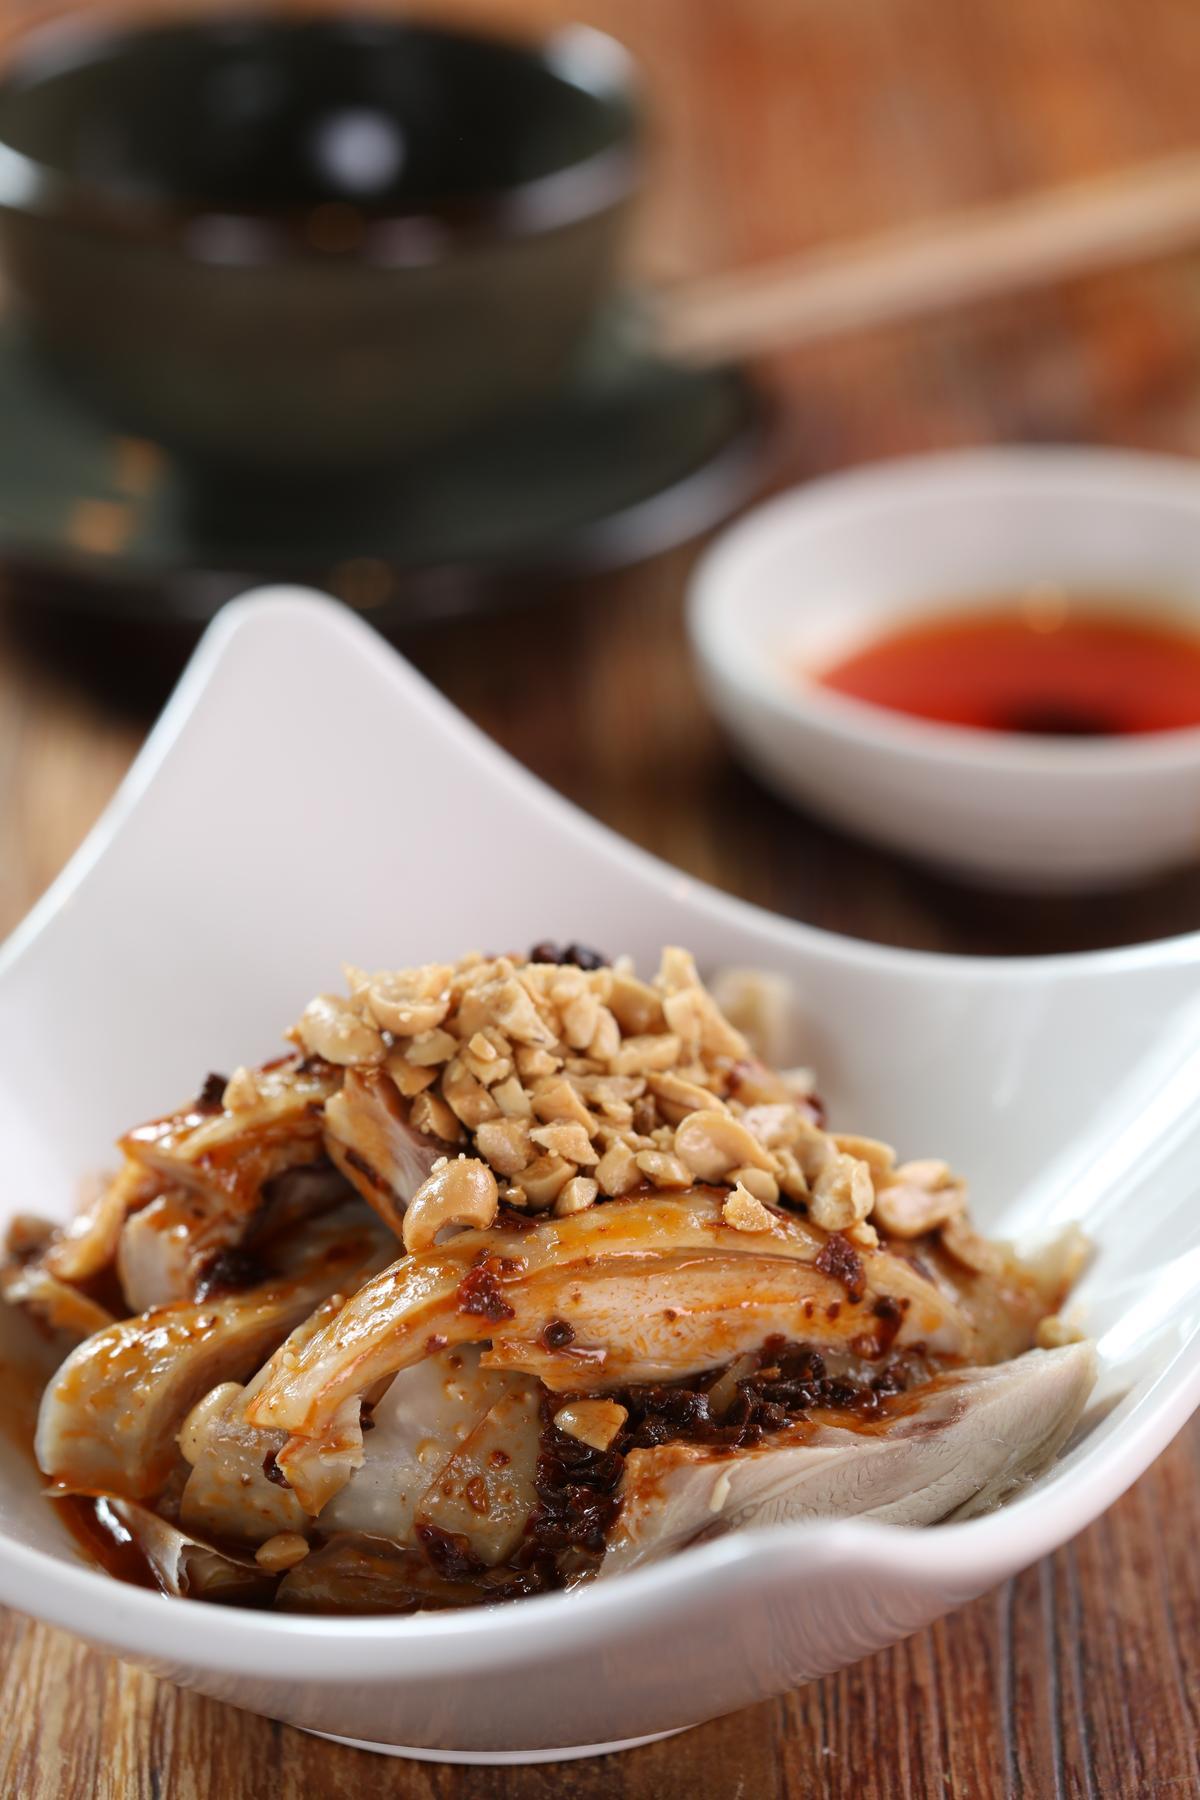 「口水雞」的特點在於以花生碎為主的醬料,與層次較多的白酒搭配,更能凸顯特色。(260元/份)